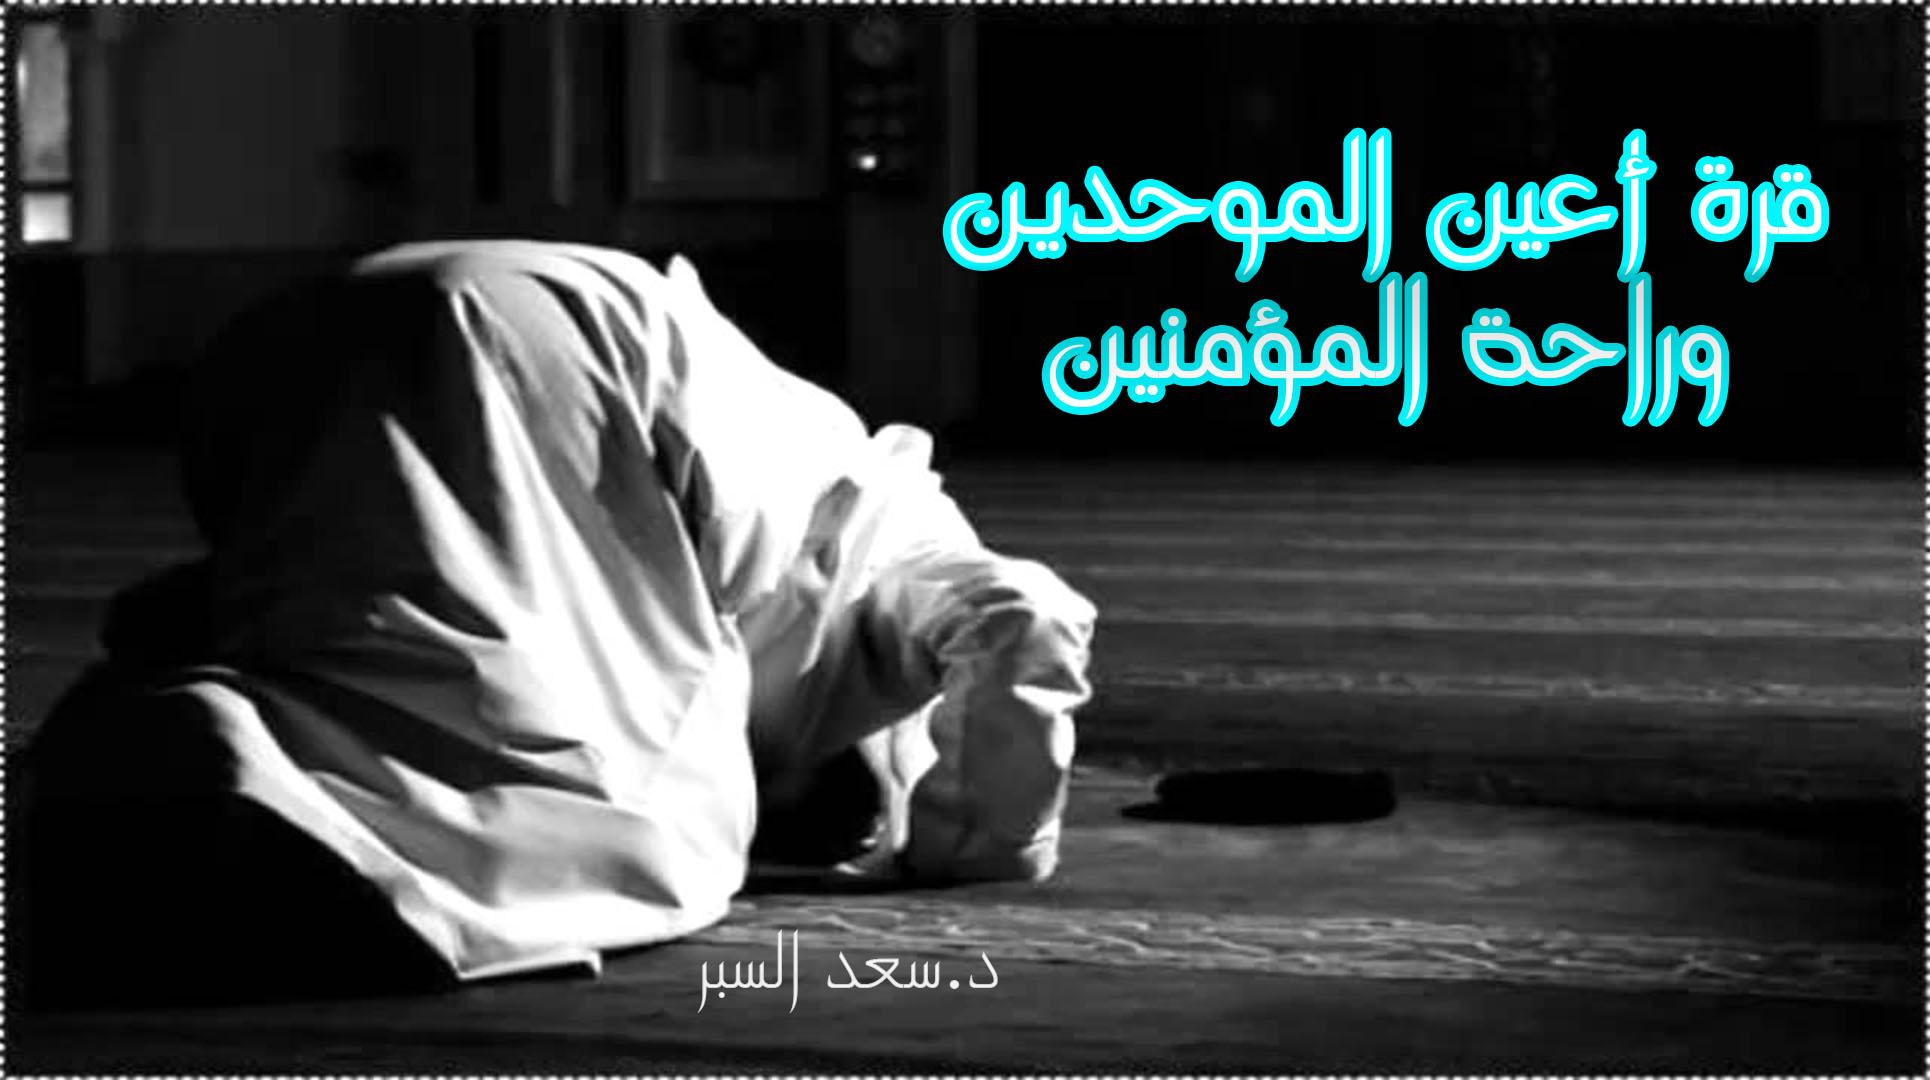 قرة أعين الموحدين وراحة المؤمنين - خطب الجمعة